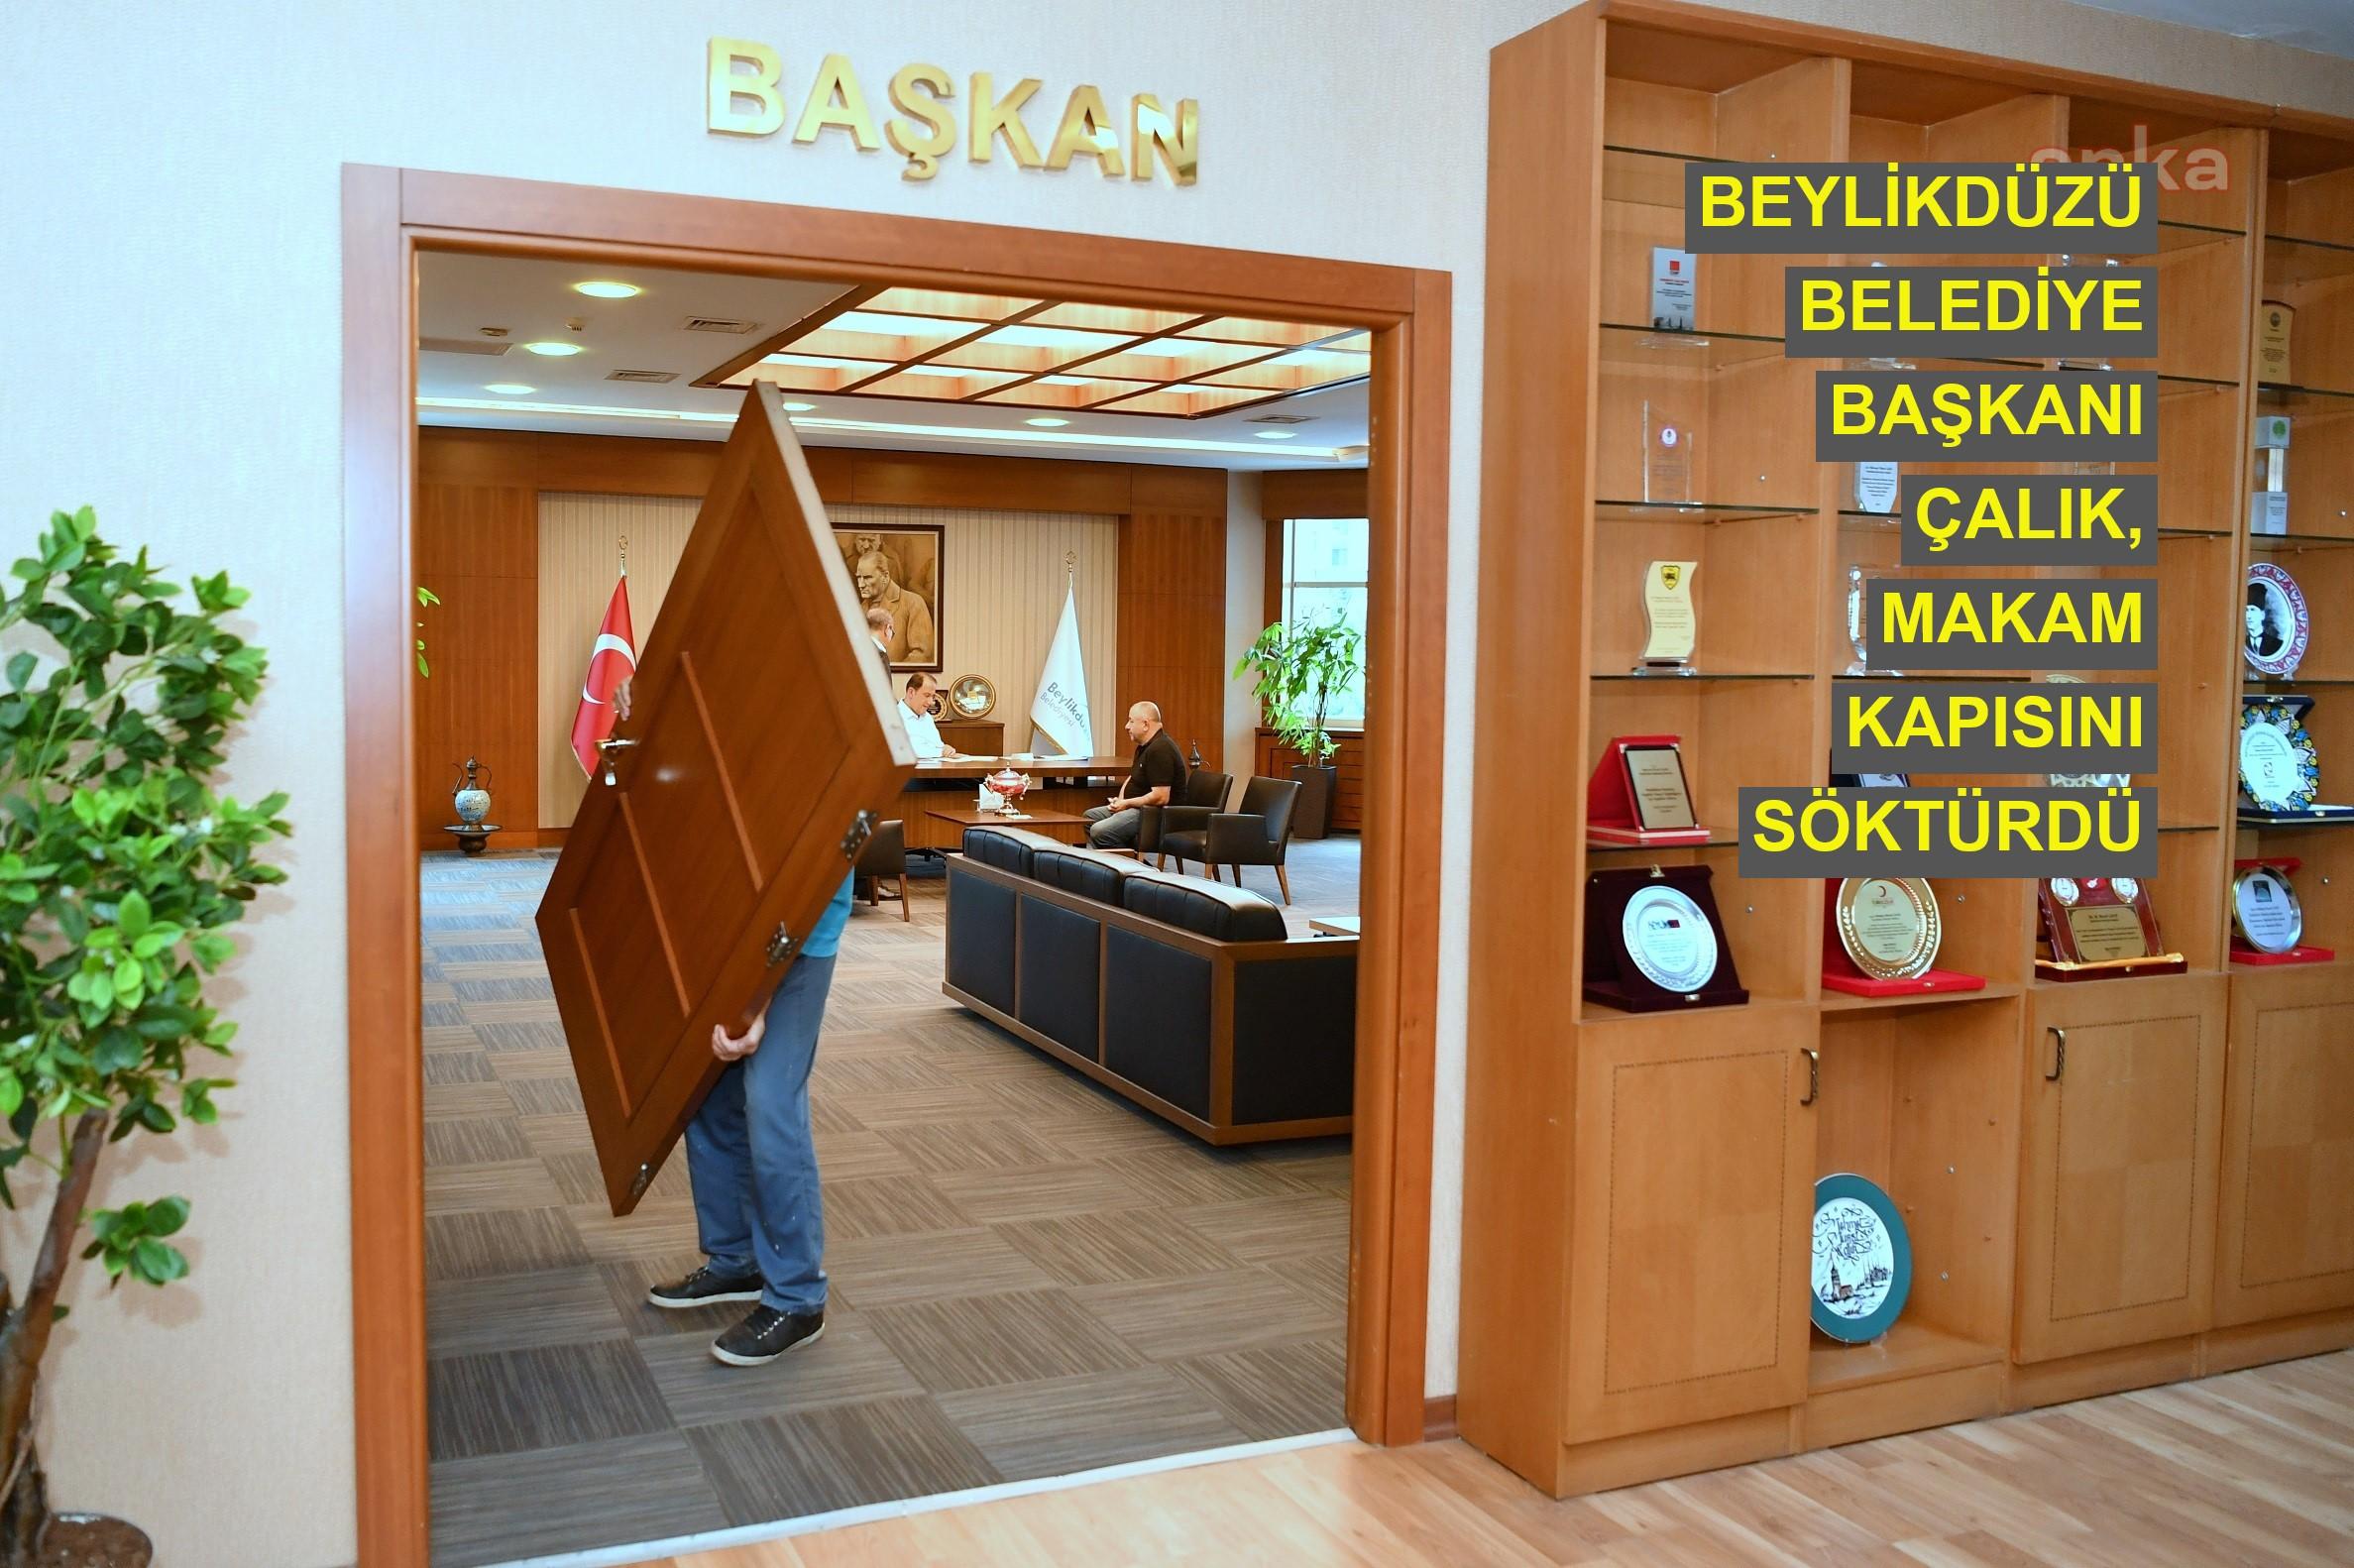 Beylikdüzü Belediye Başkanı Çalık, makam kapısını söktürdü